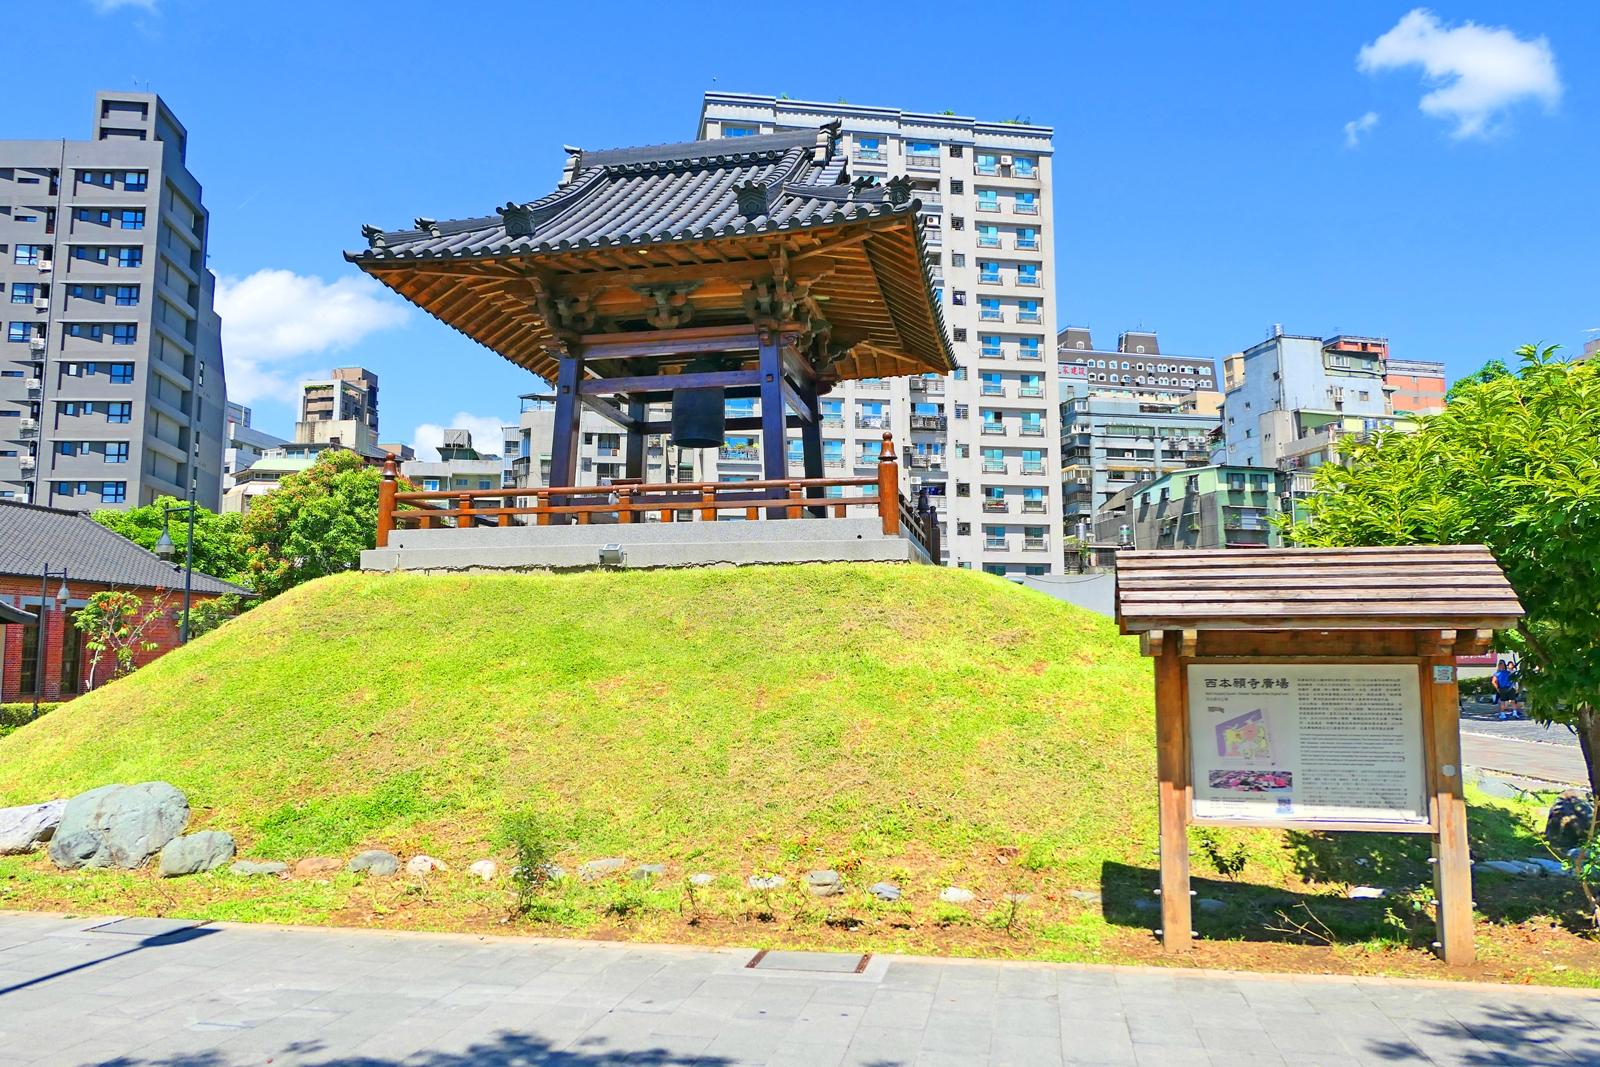 鐘樓 | 日式建築 |西本願寺廣場 | 一抹和風 | 臺灣 | 巡日旅行攝 | RoundtripJp